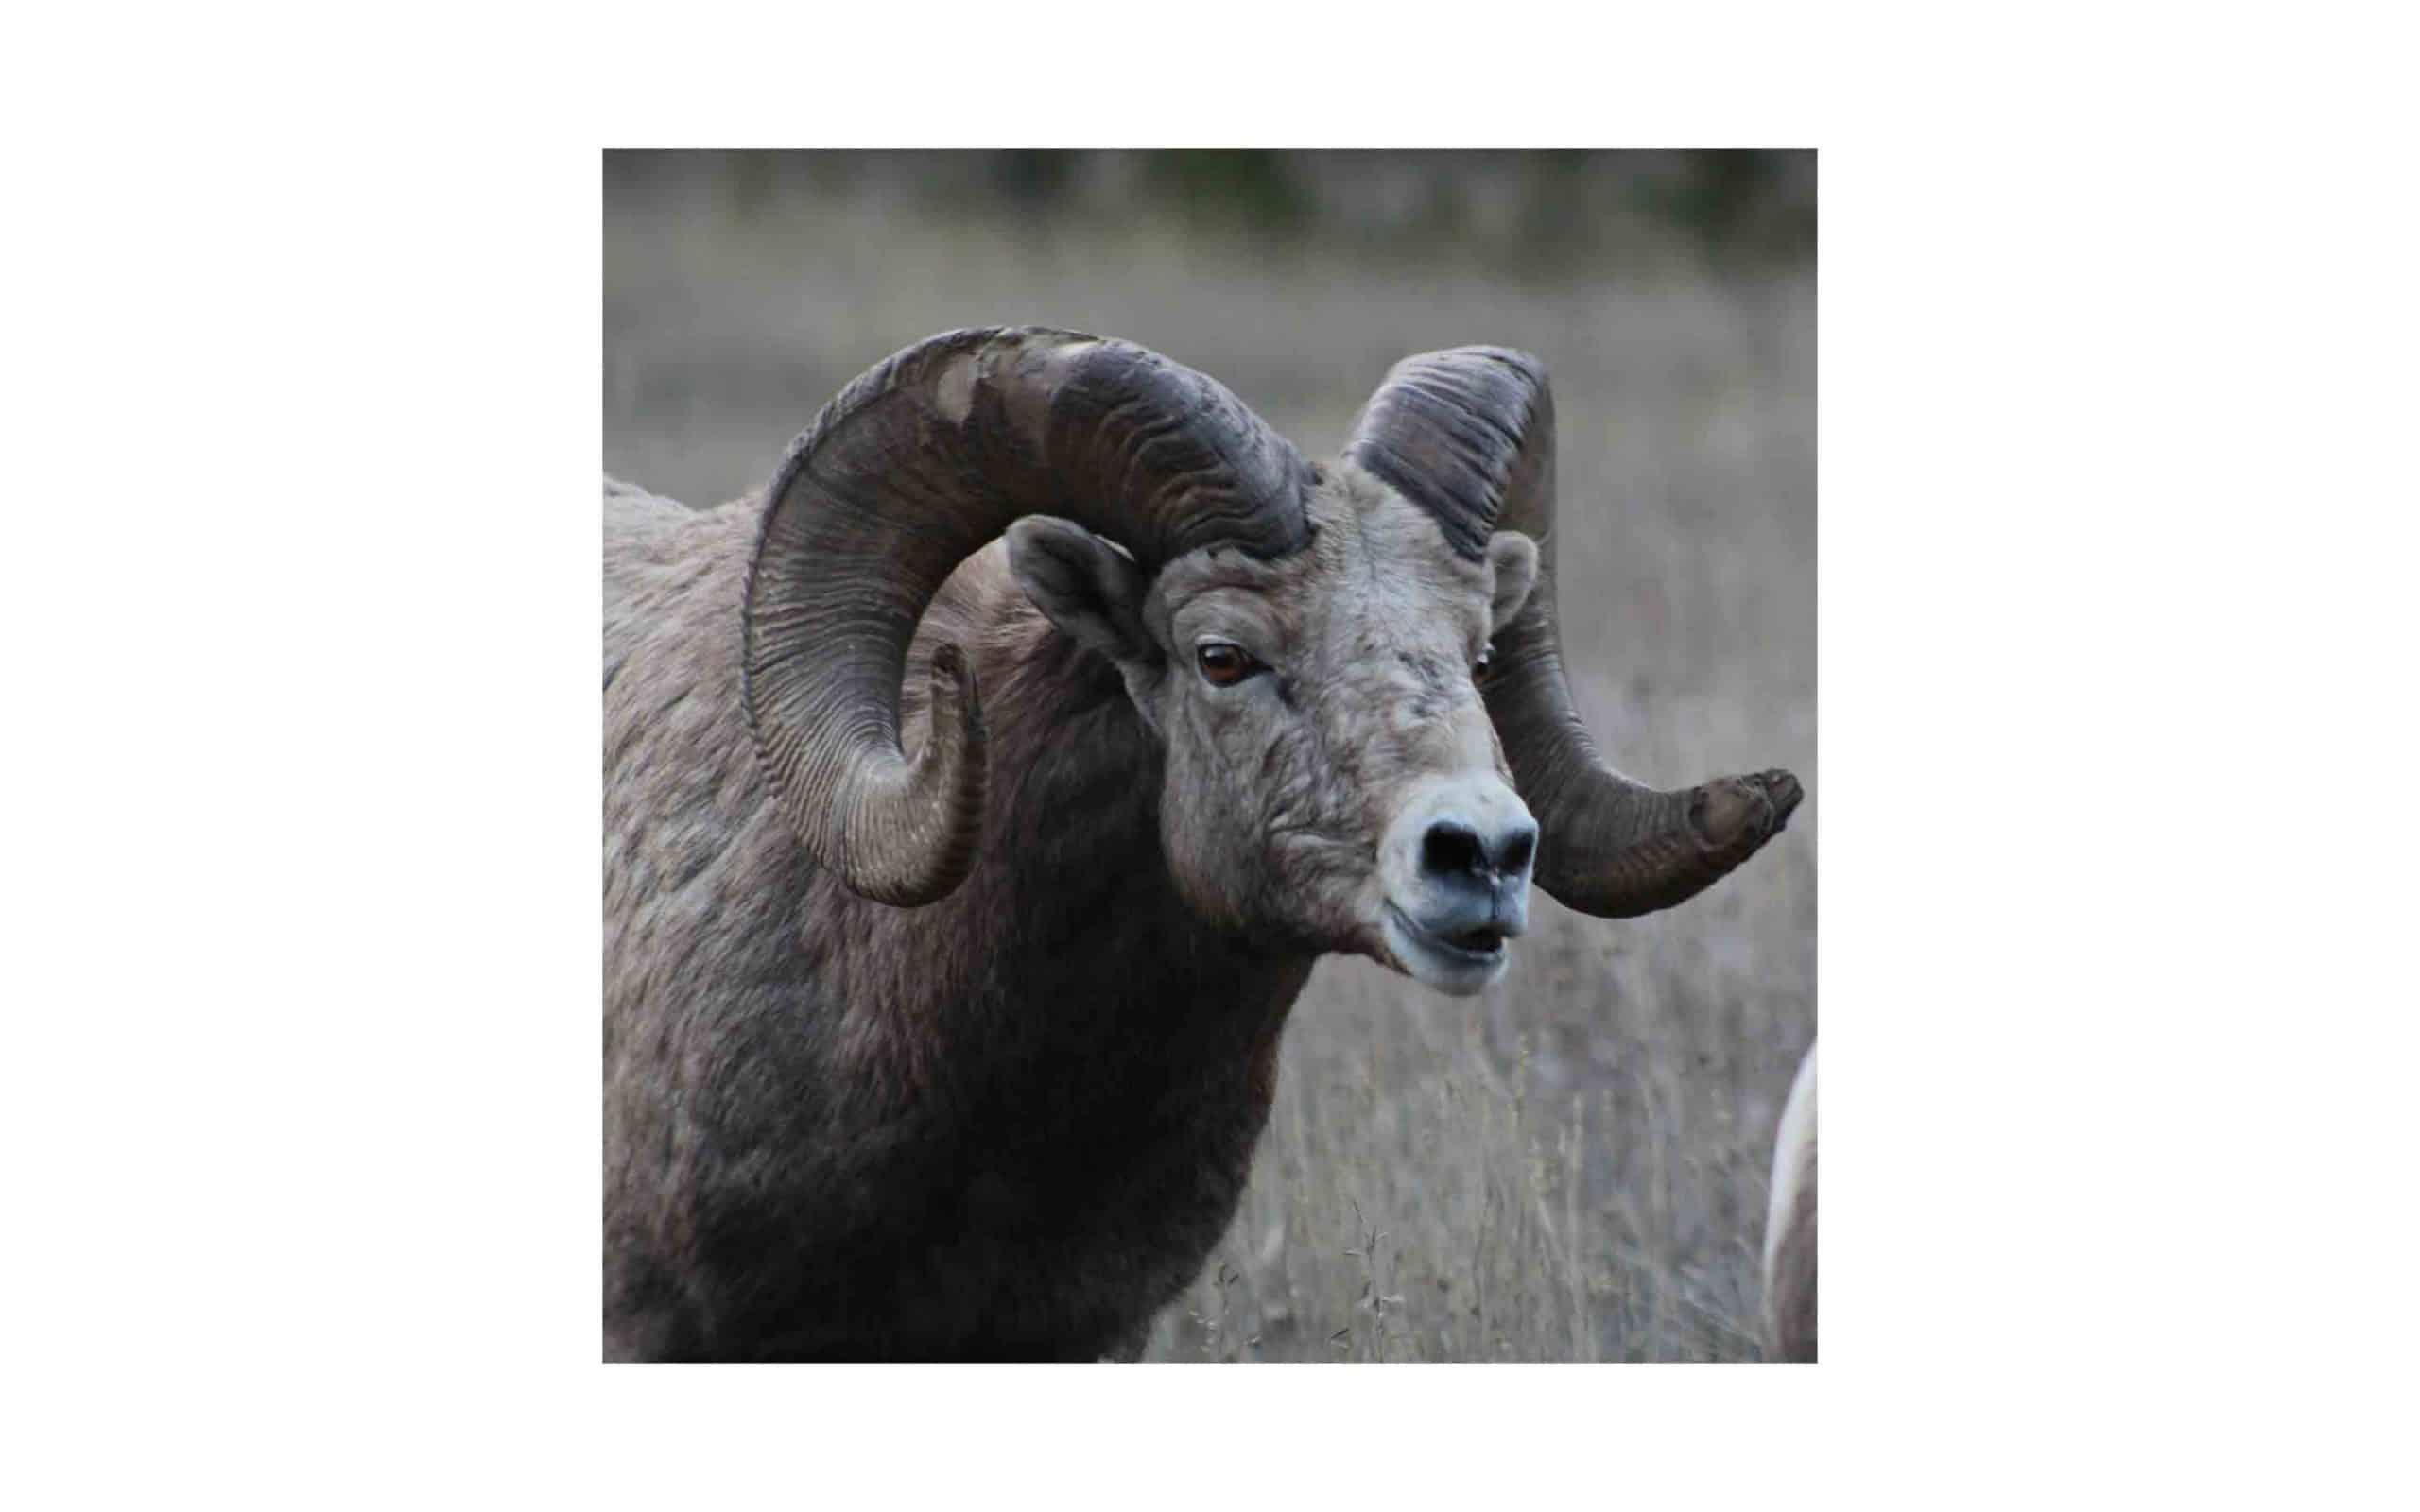 mt-bighorn-sheep-Rex-Wolferman.jpg?mtime=20170811134638#asset:6282